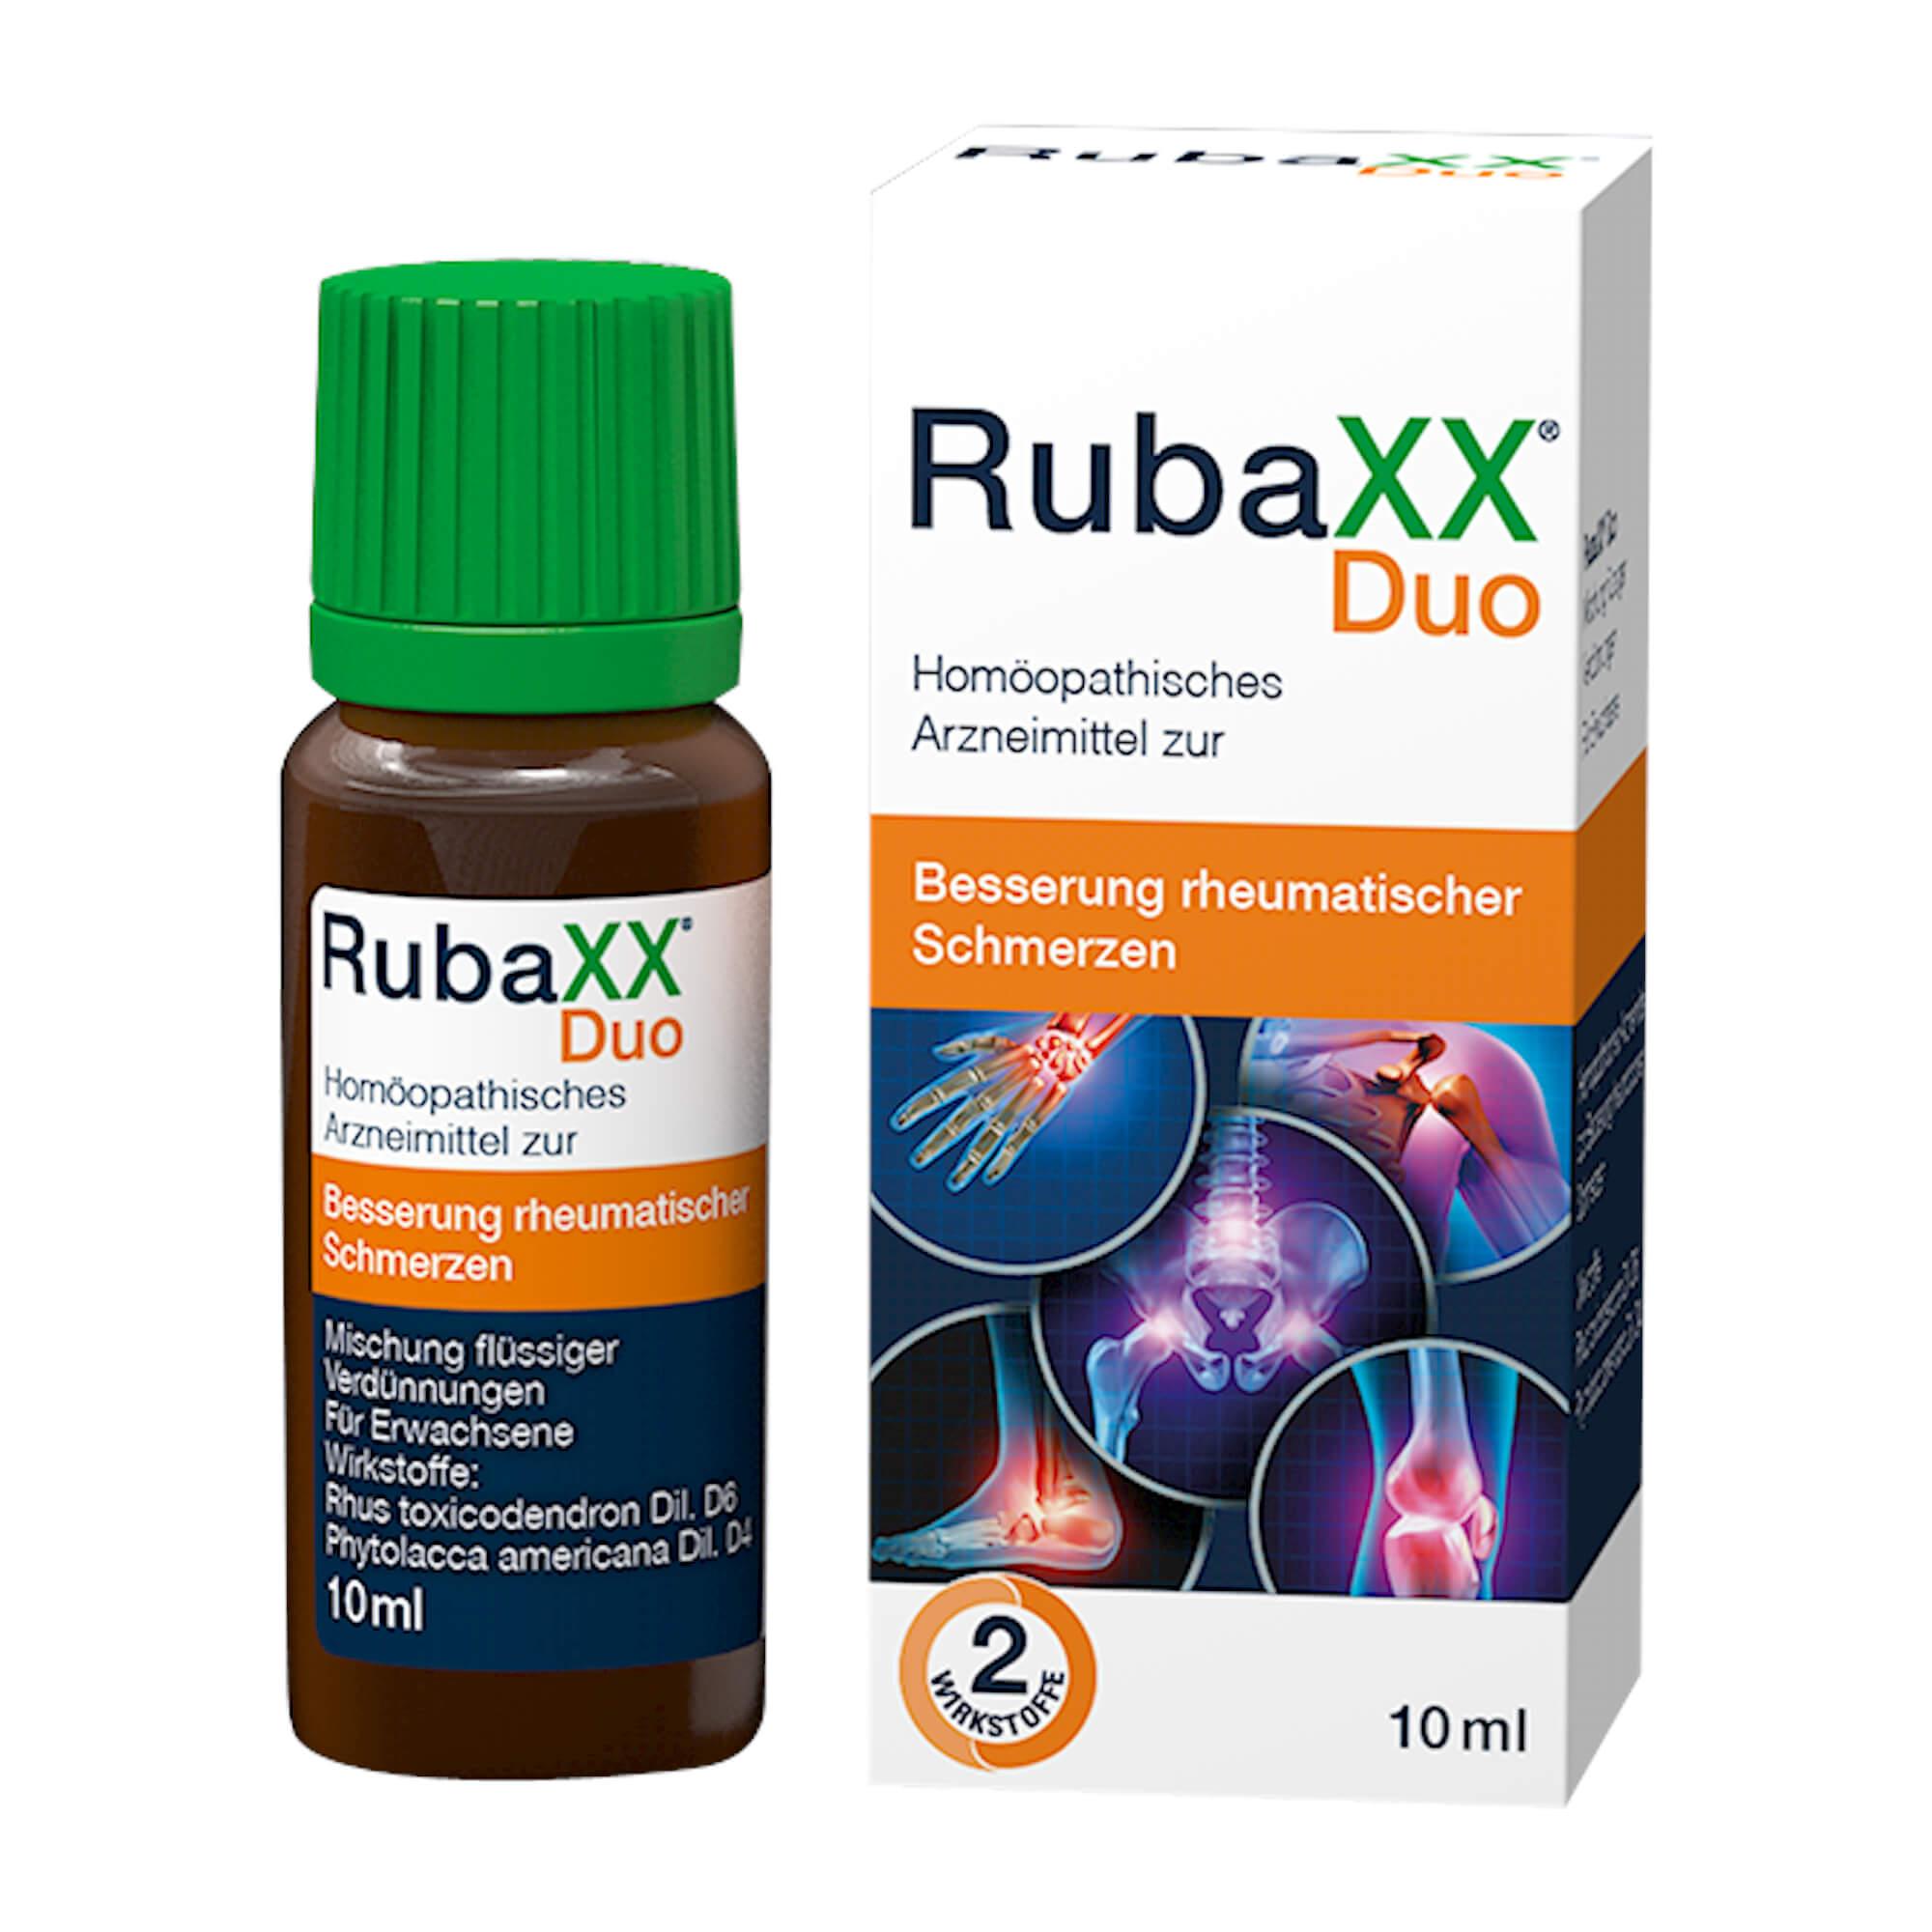 RubaXX Duo